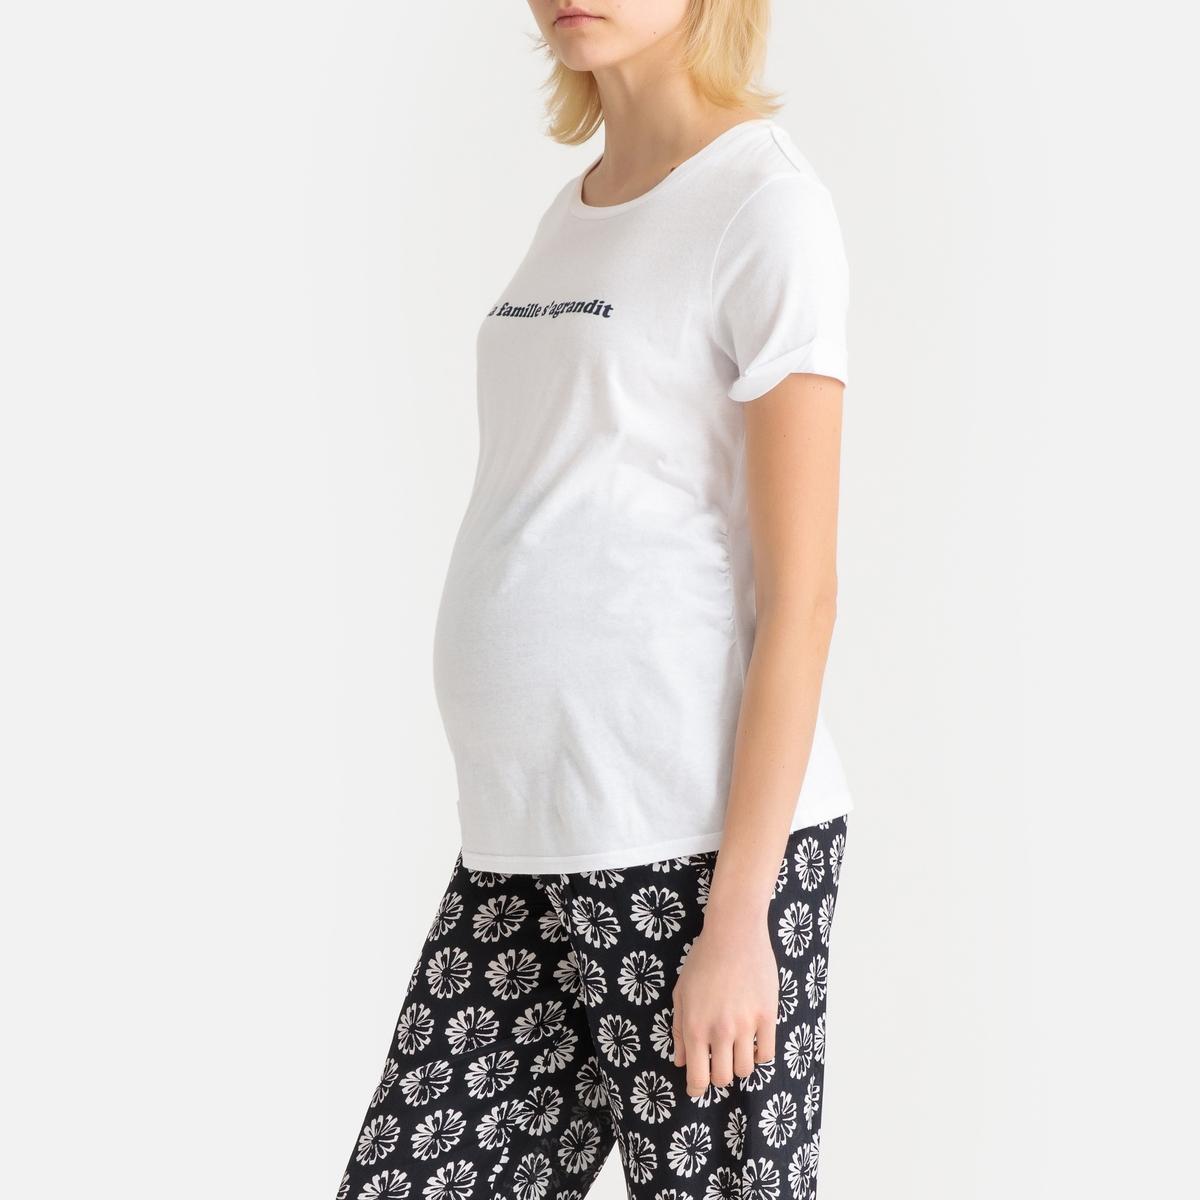 T-shirt para grávida, gola redonda, mangas curtas